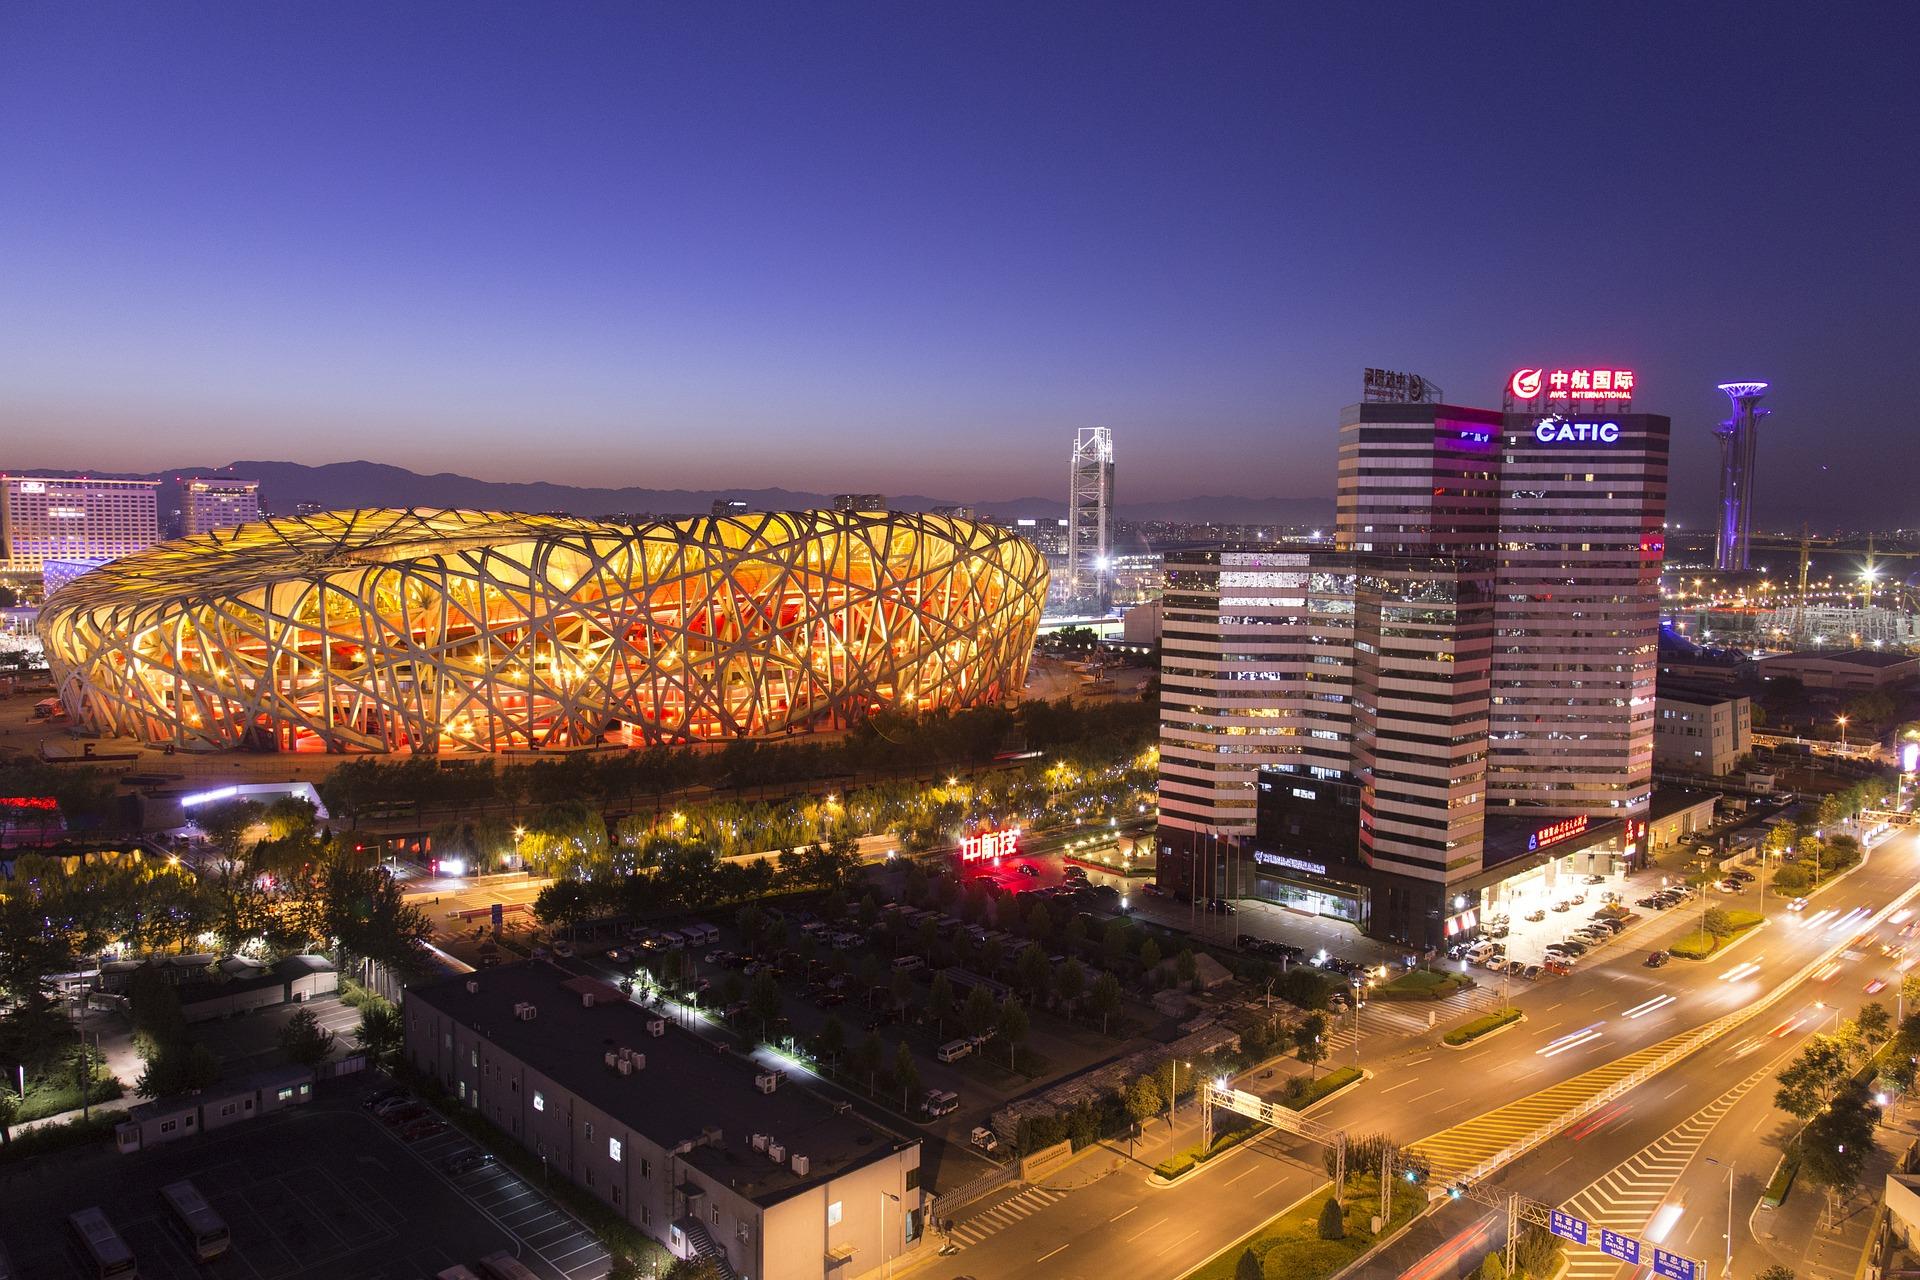 The Bird's Nest Stadium, Beijing, China